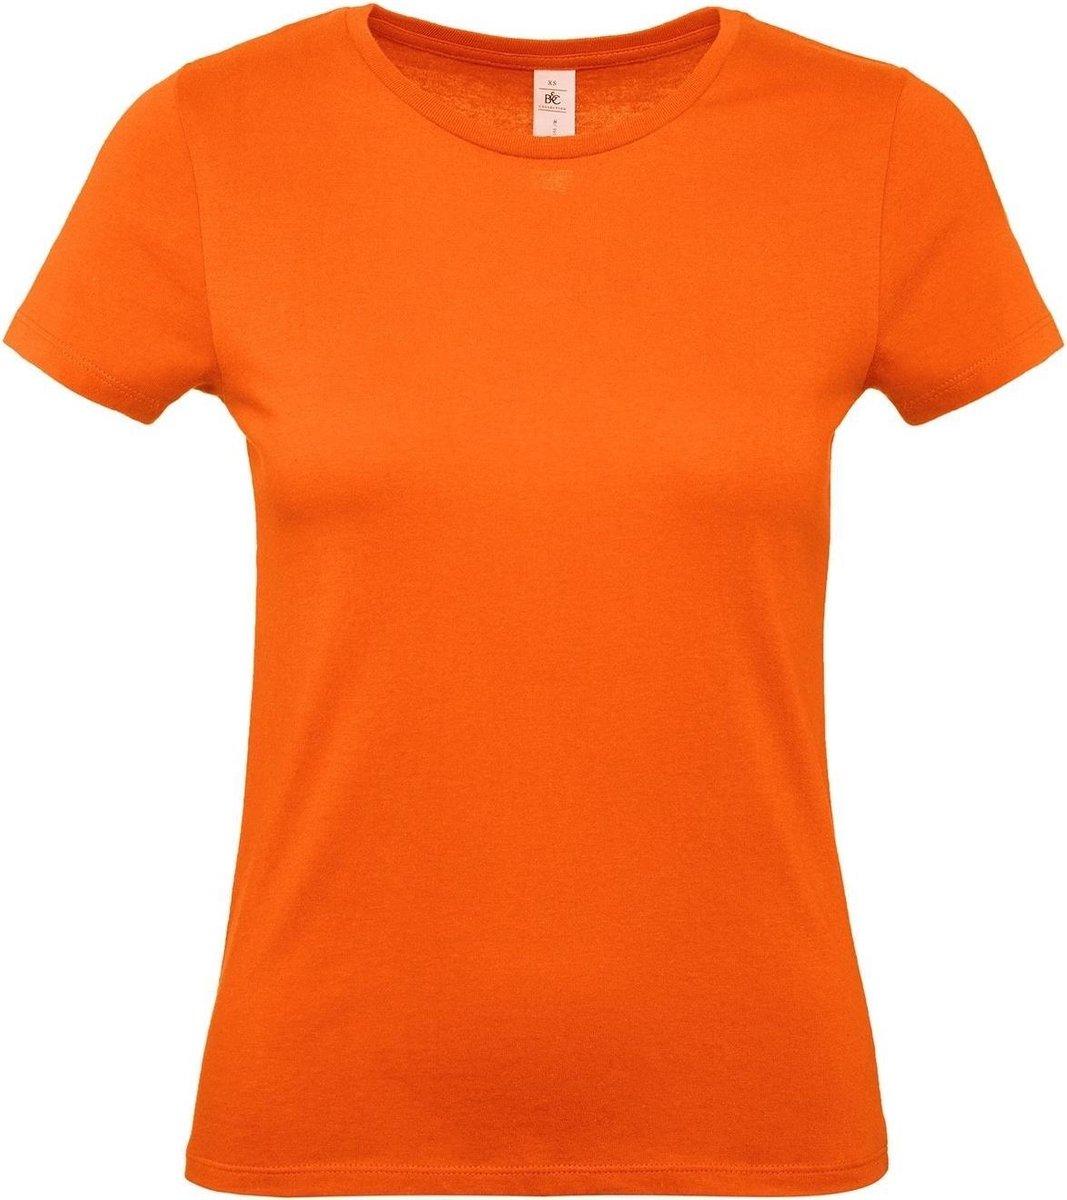 Oranje t-shirts met ronde hals voor dames - 100% katoen - Koningsdag / Nederland supporter 2XL (44)